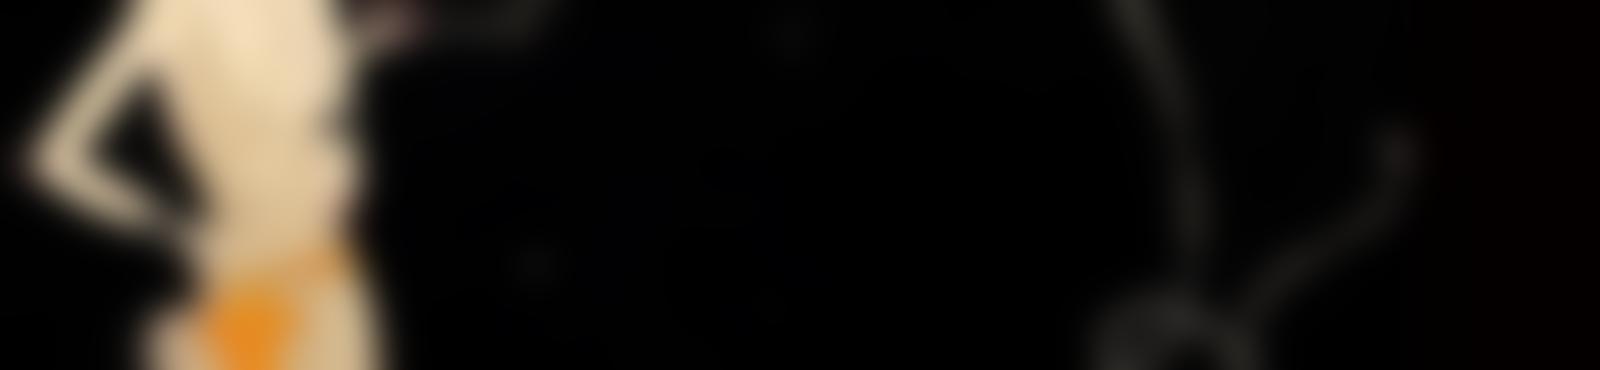 Blurred b7f9658b 50d0 46ce a1ba 72174f850fbc